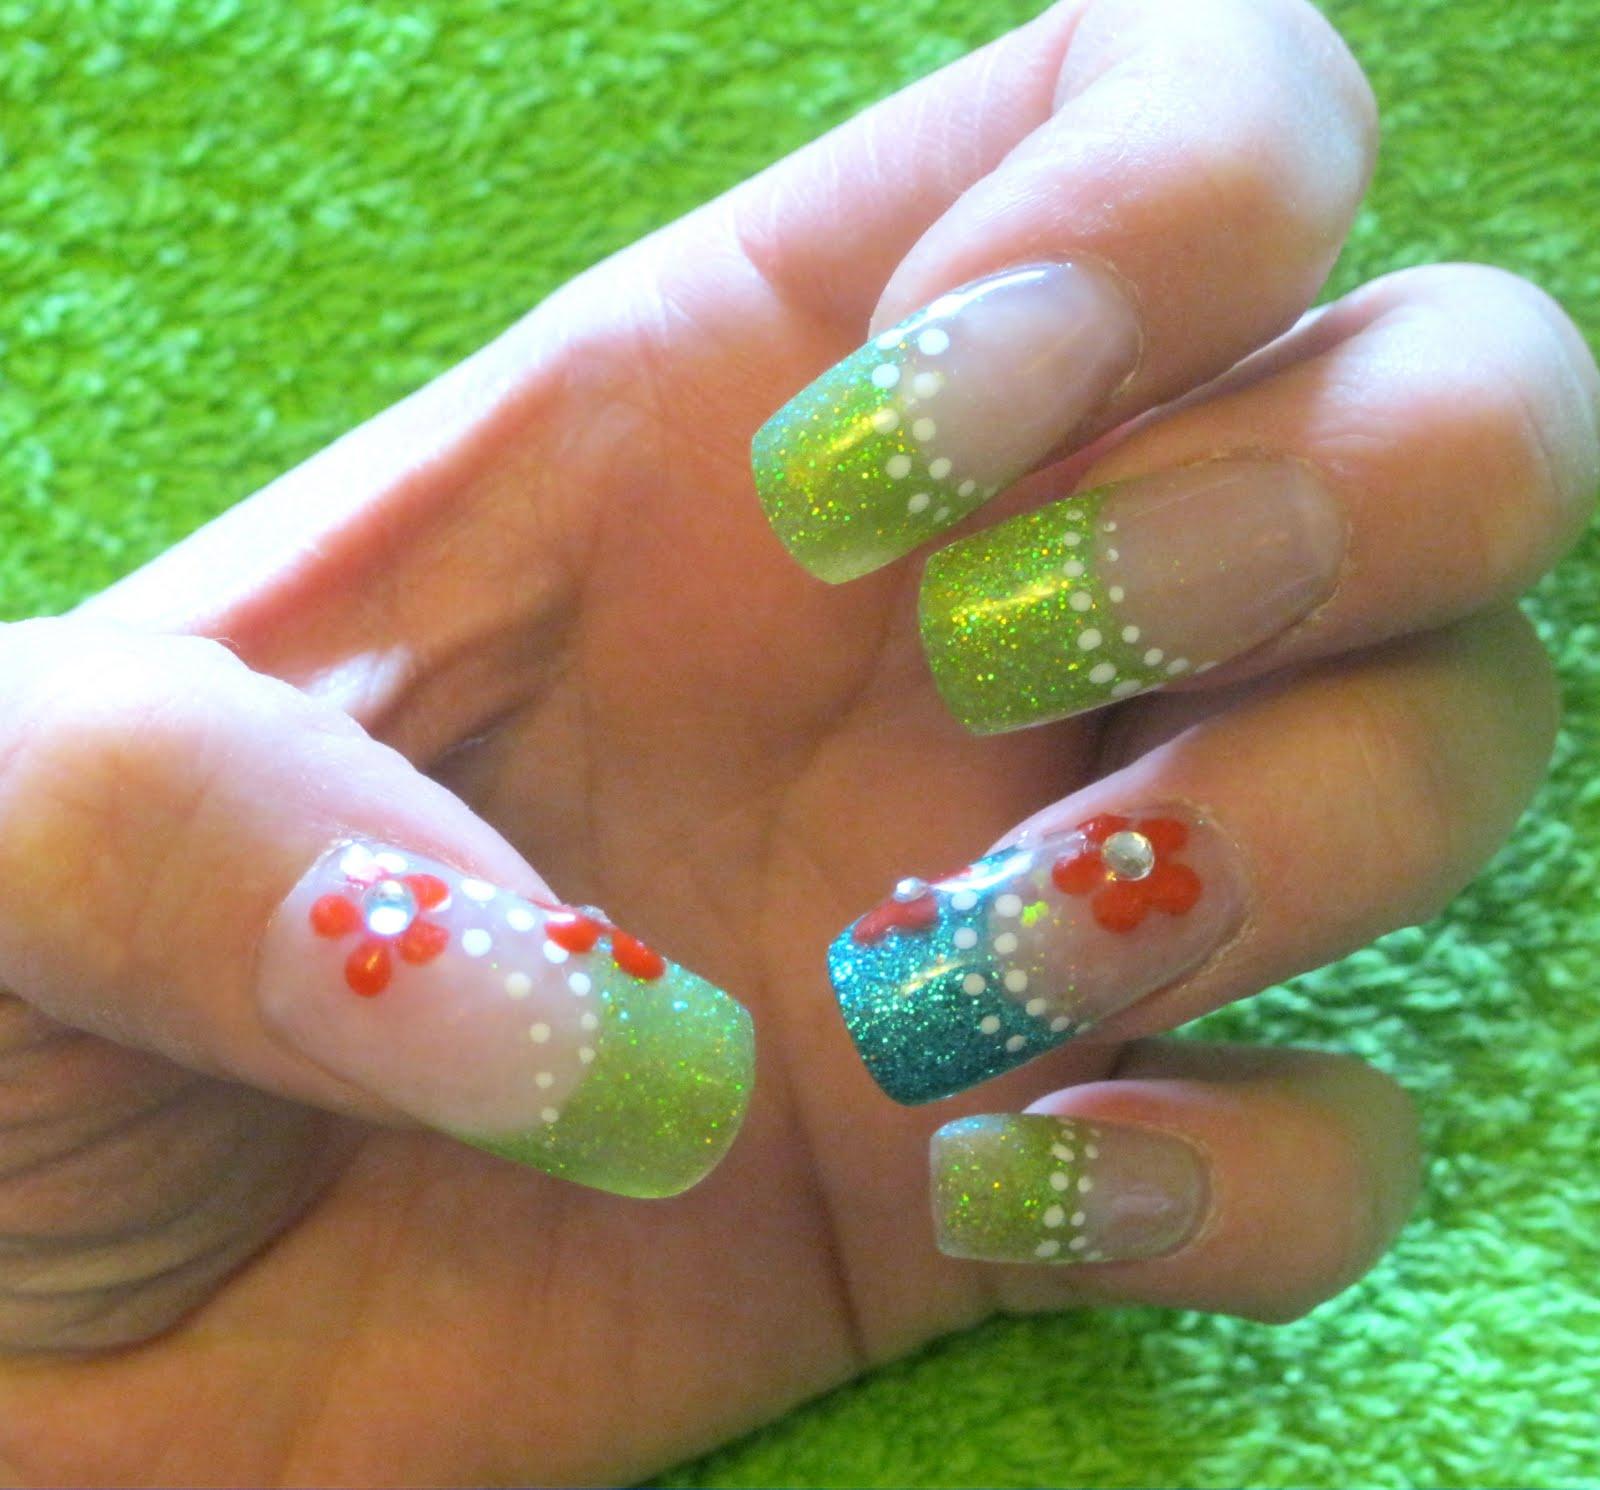 Рисунок на ногтях одним цветом